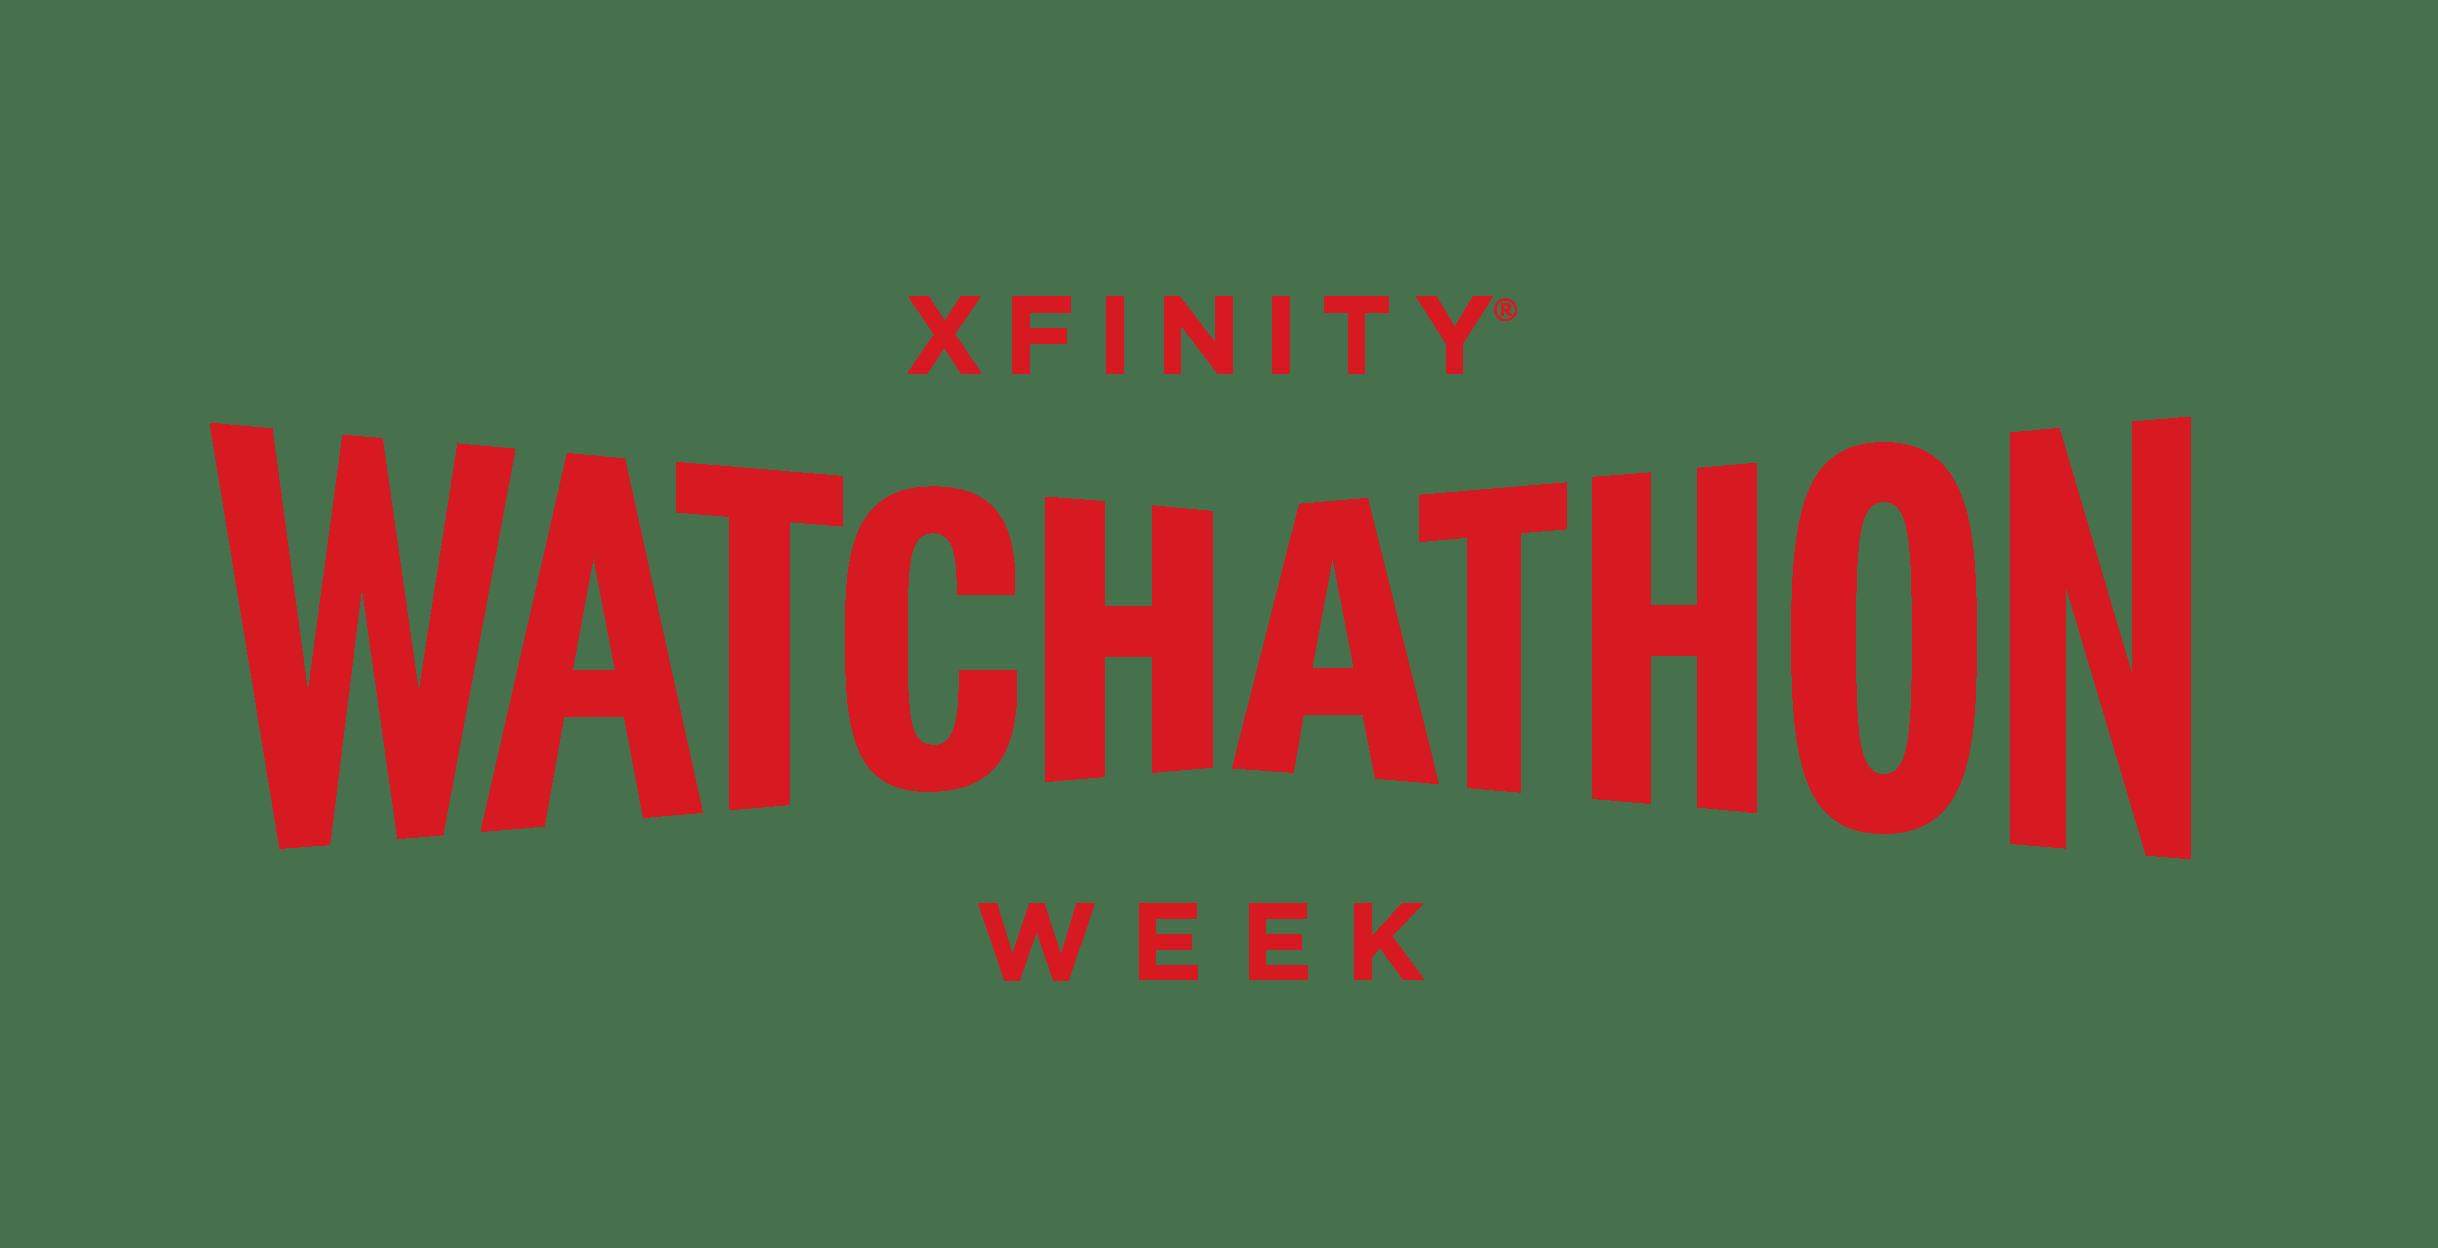 Watchathon